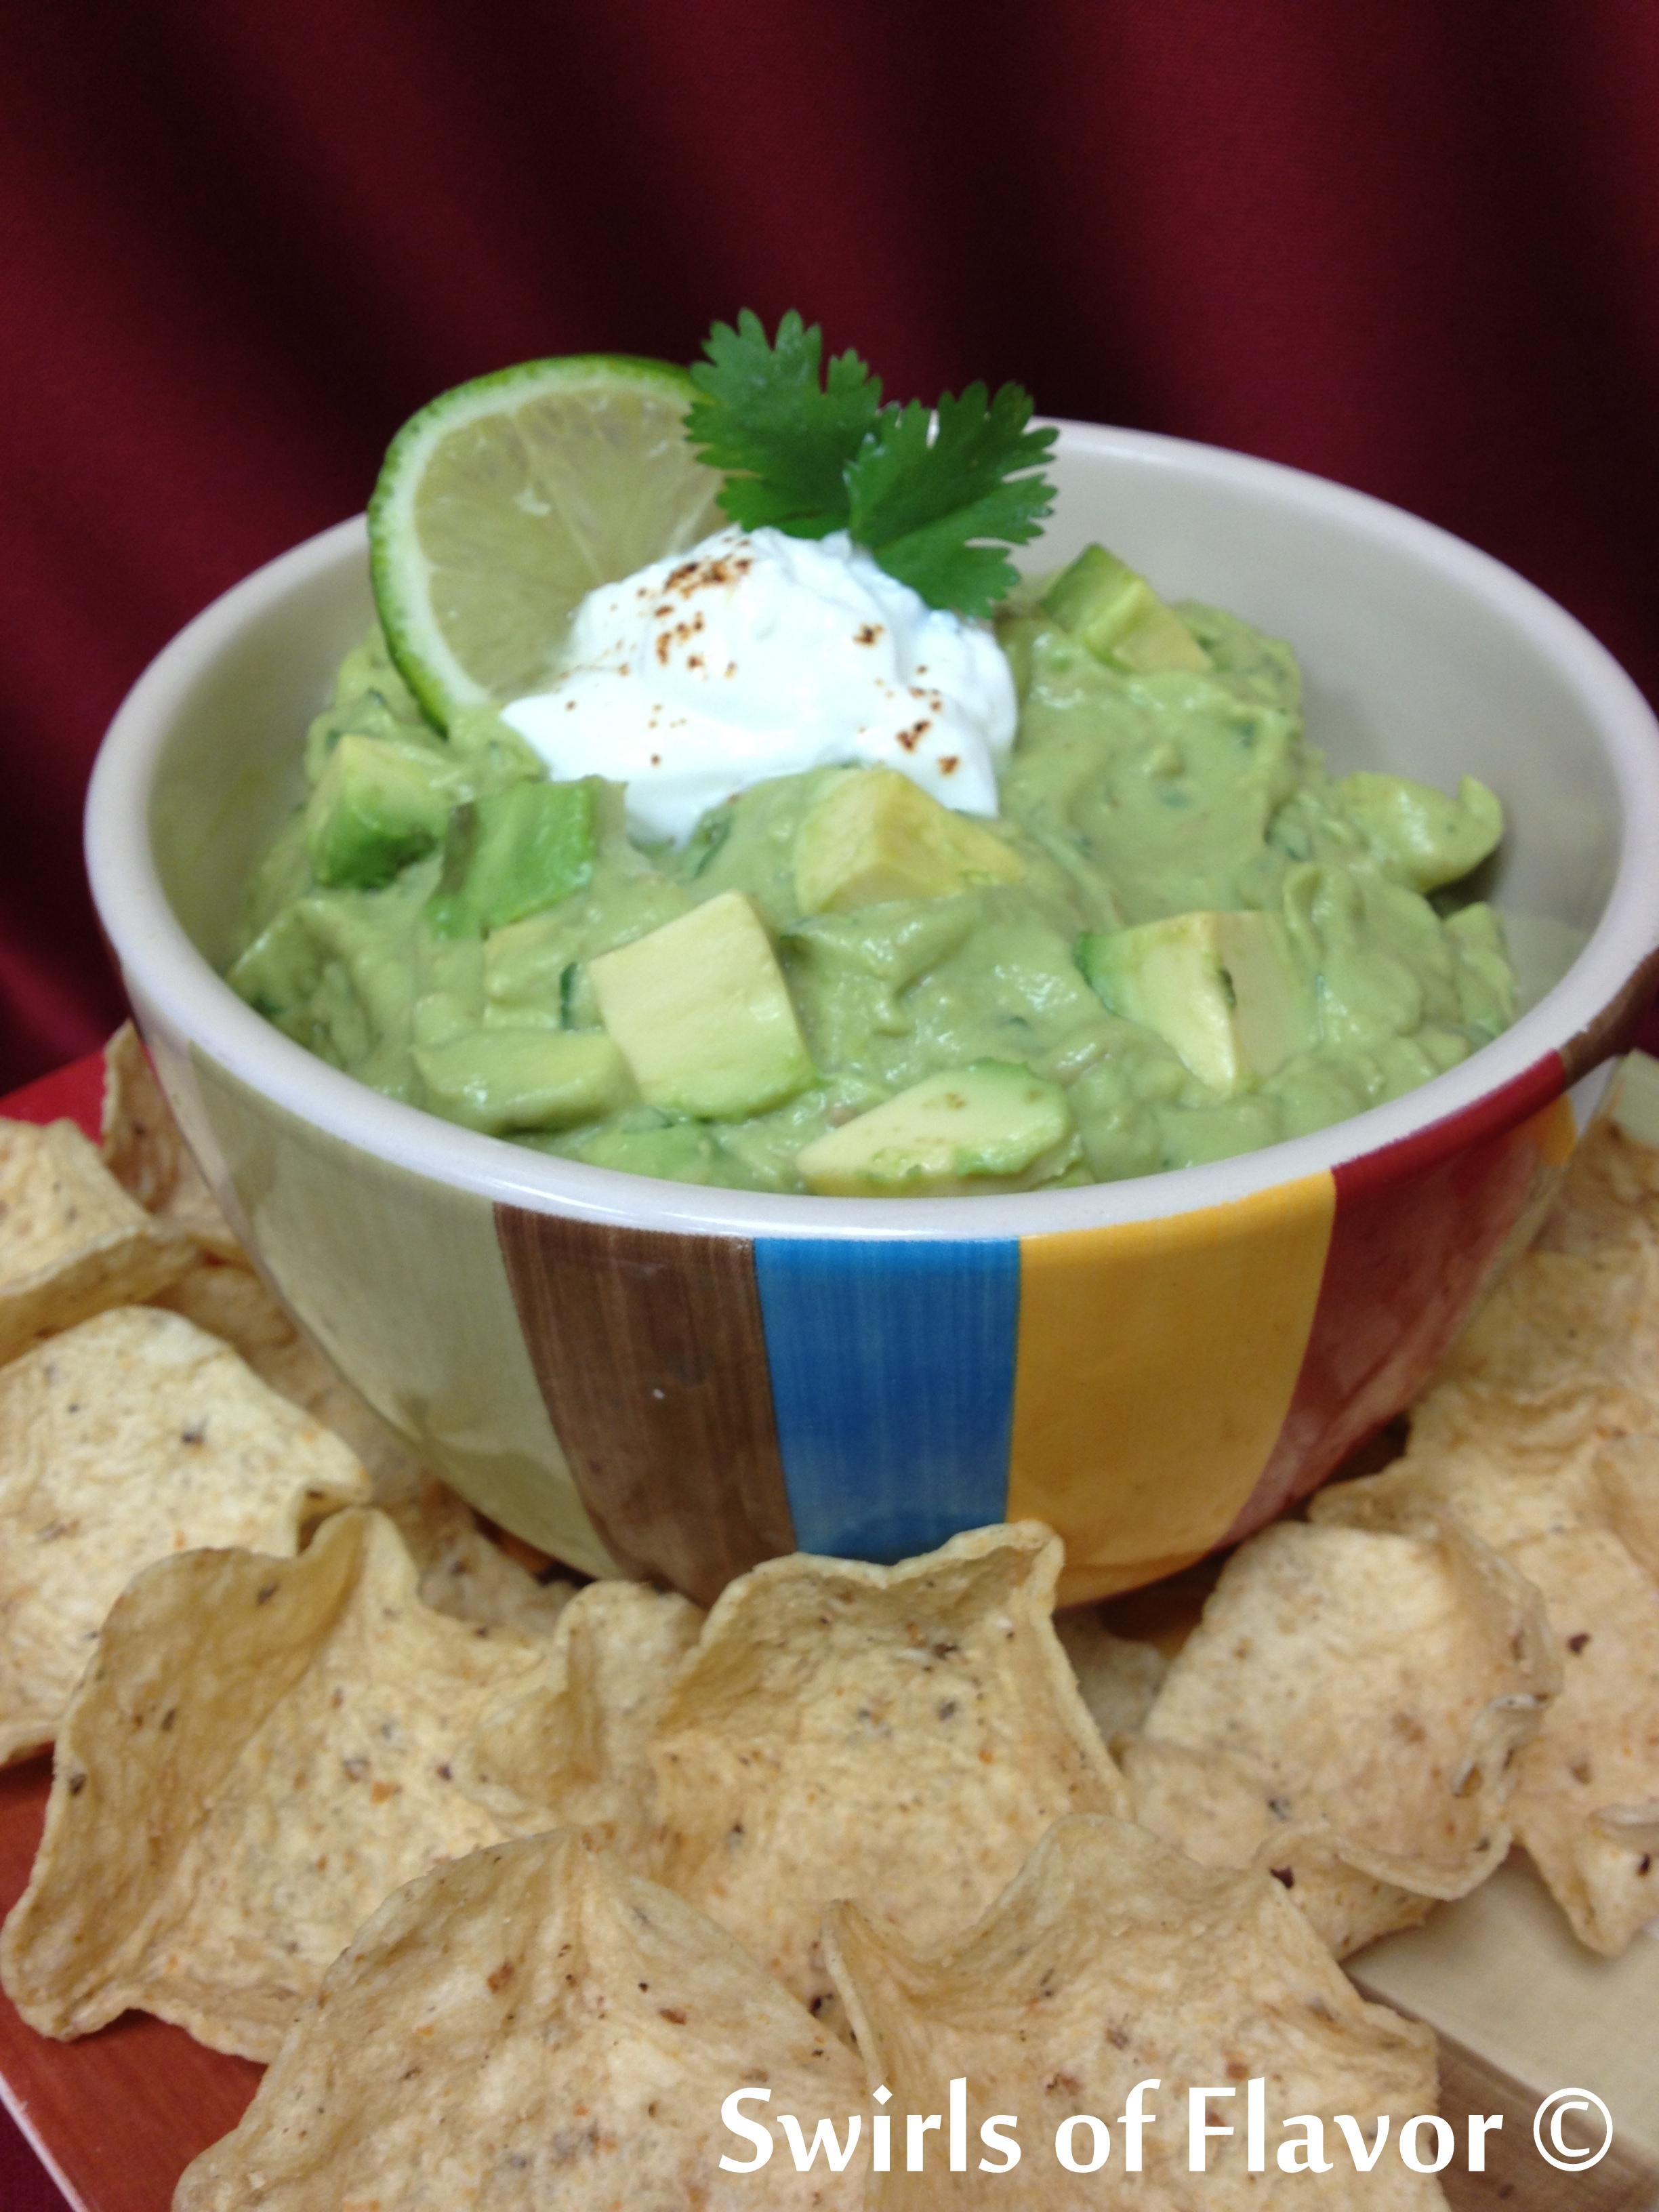 Chipotle Guacamole - Swirls of Flavor